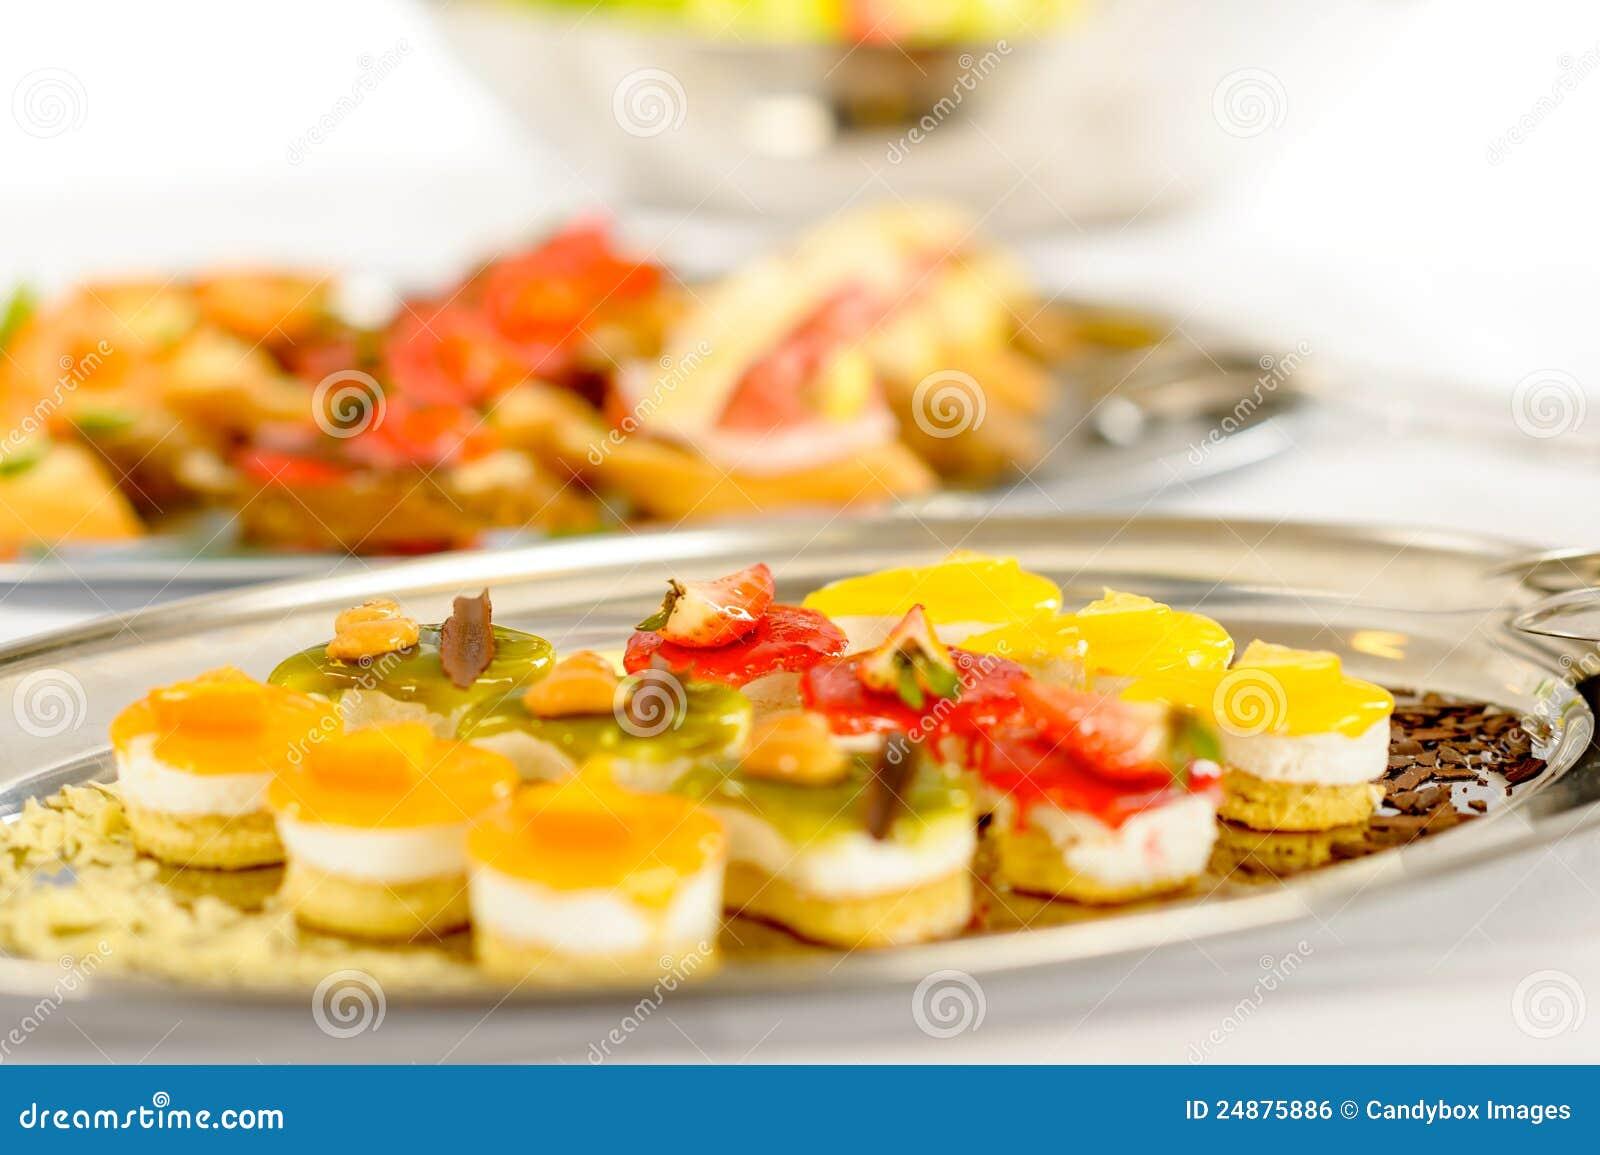 плита десертов доставки с обслуживанием шведского стола закусок миниая